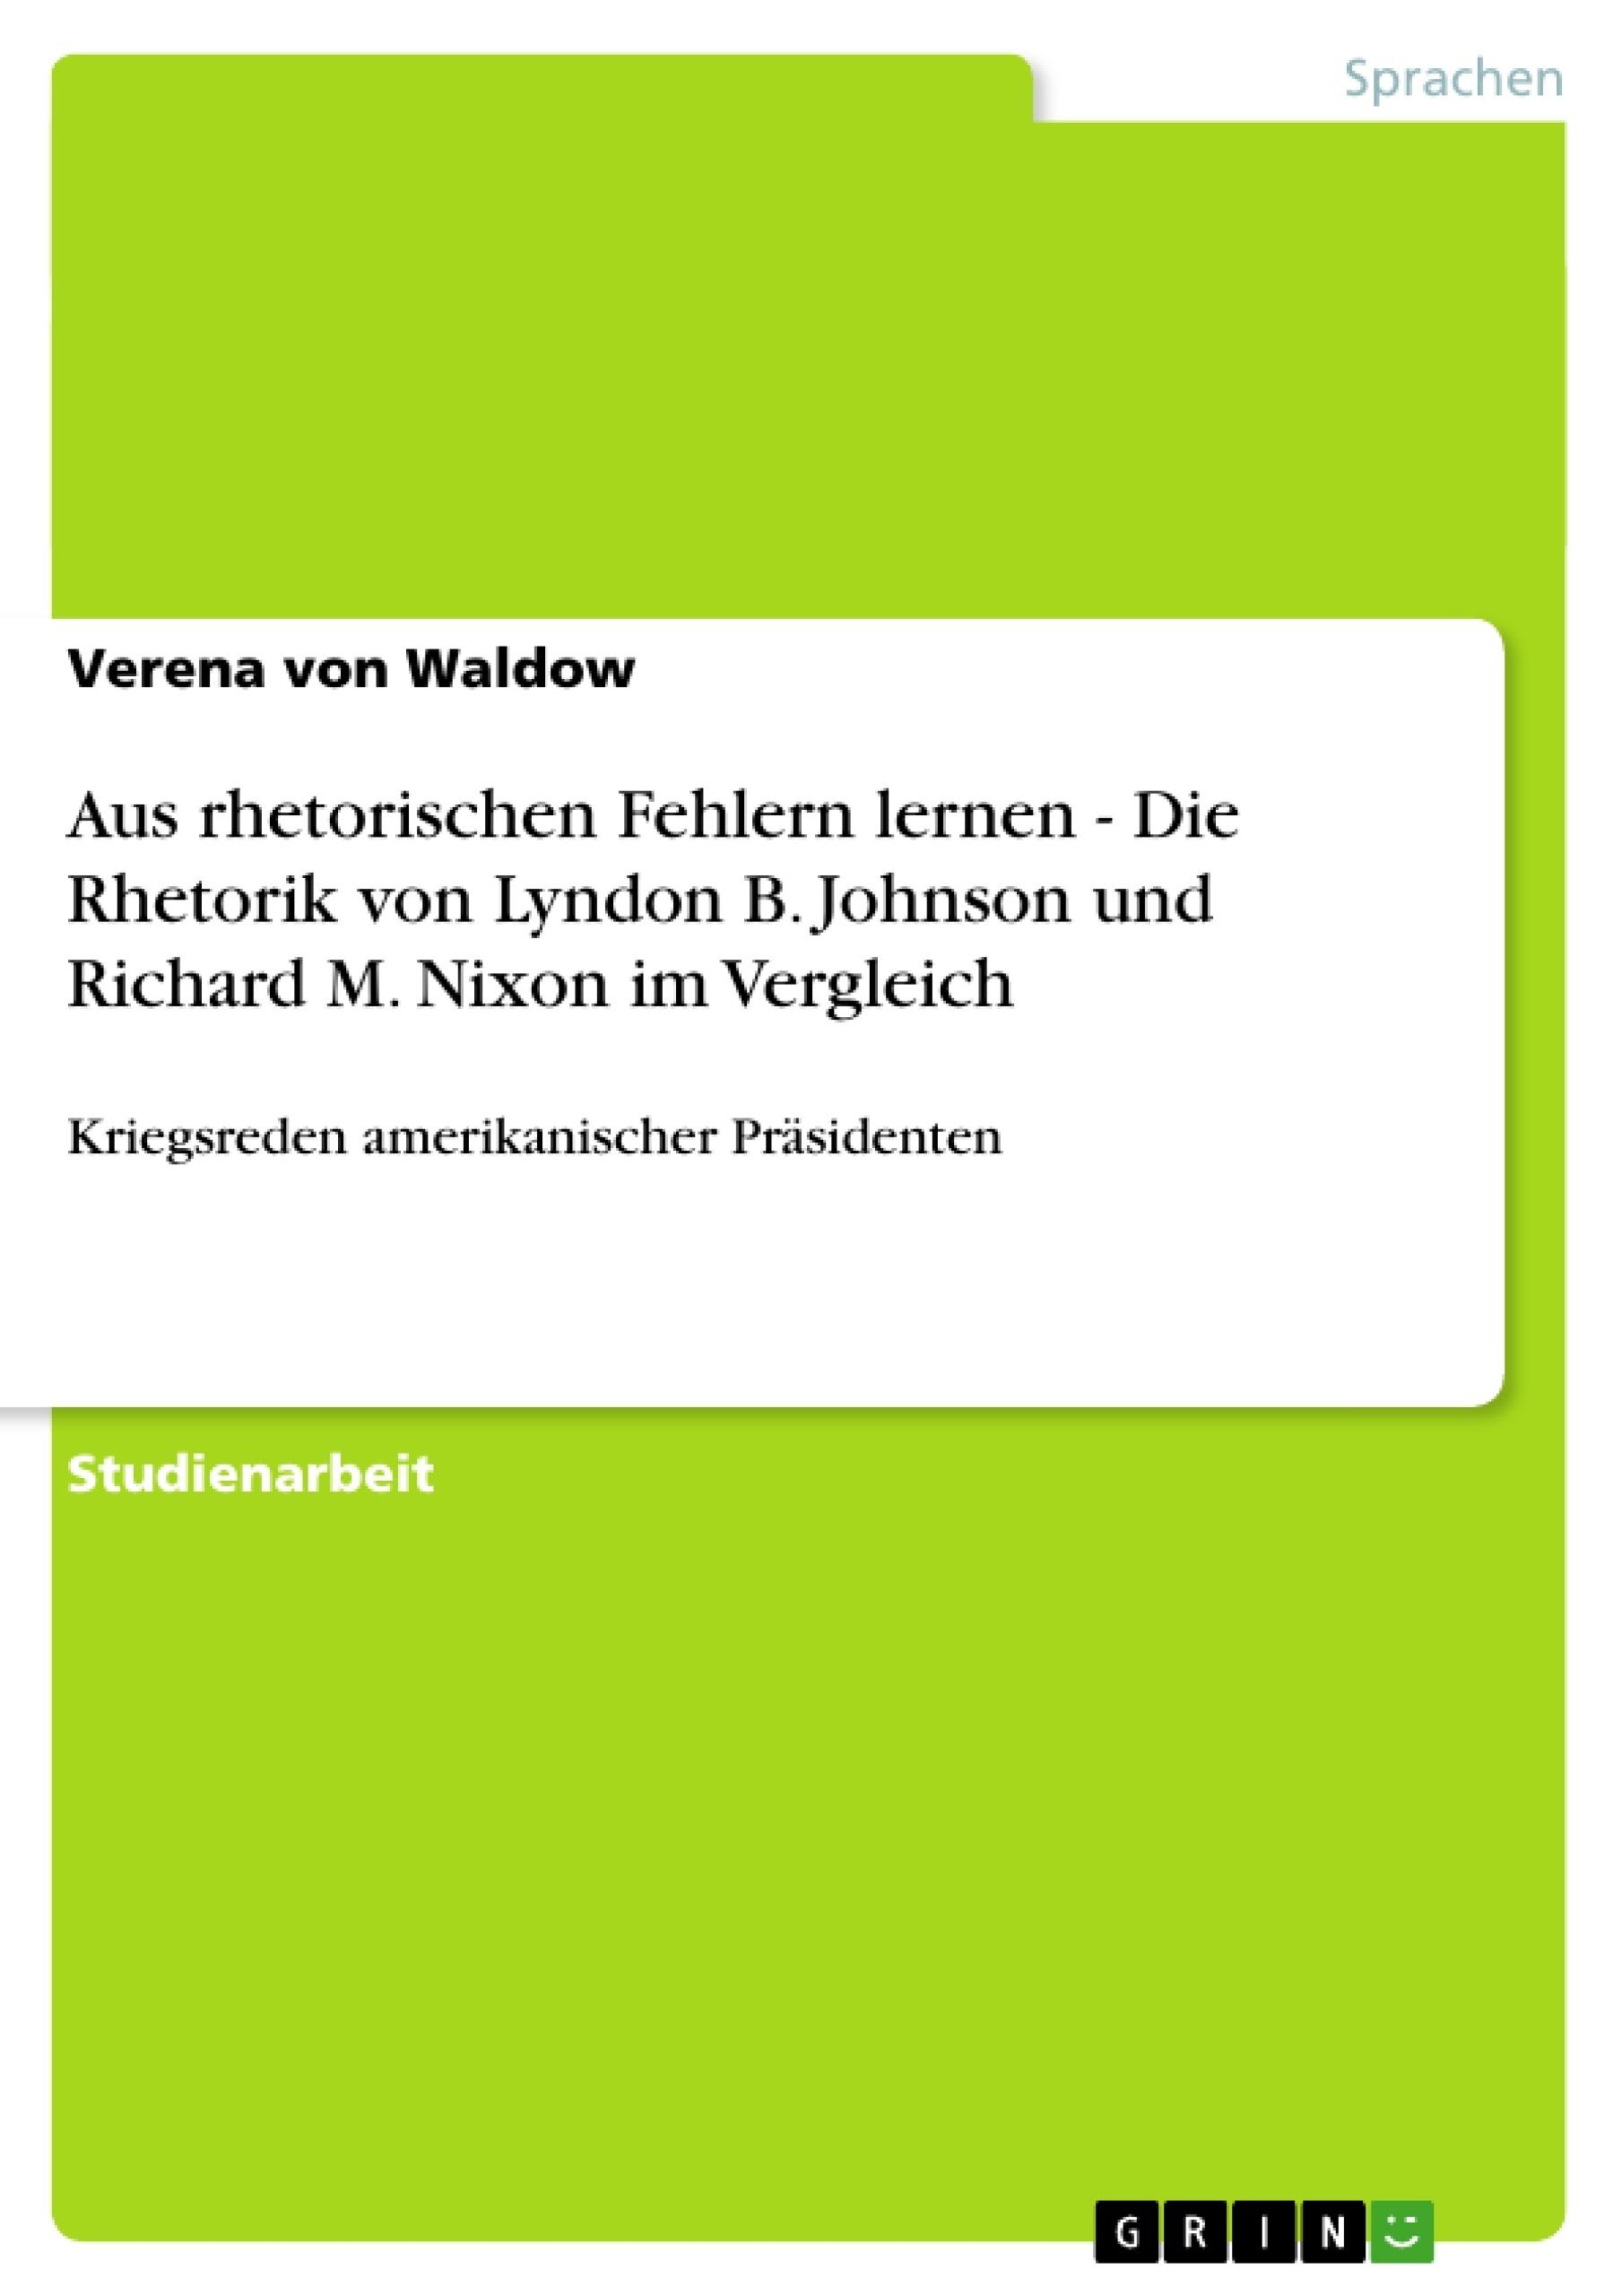 Titel: Aus rhetorischen Fehlern lernen - Die Rhetorik von Lyndon B. Johnson und Richard M. Nixon im Vergleich